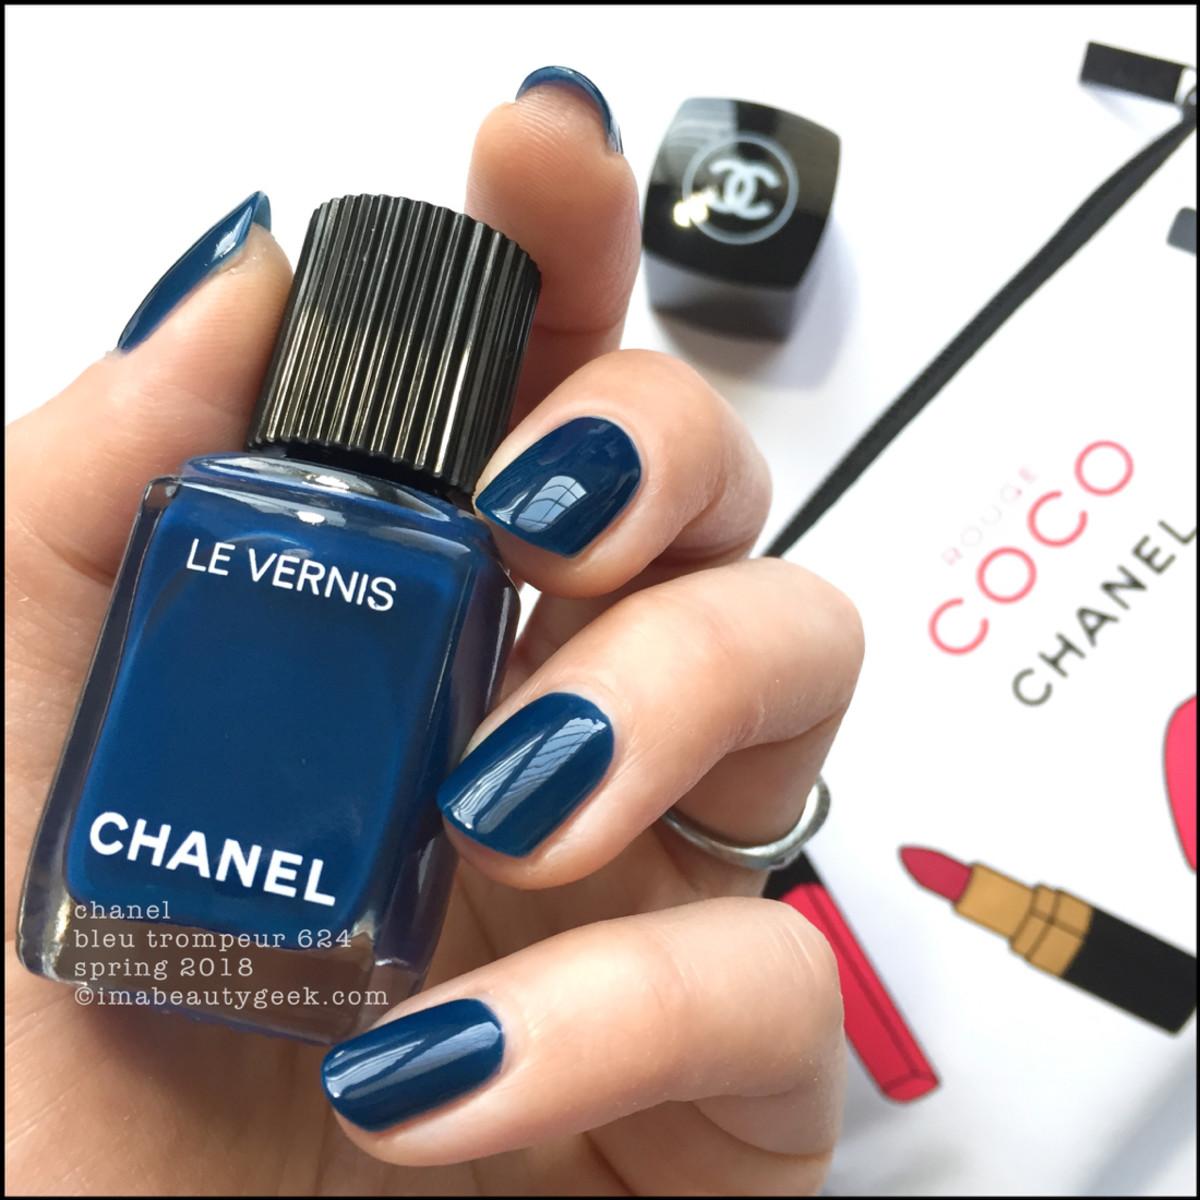 Chanel Bleu Trompeur Le Vernis Spring 2018